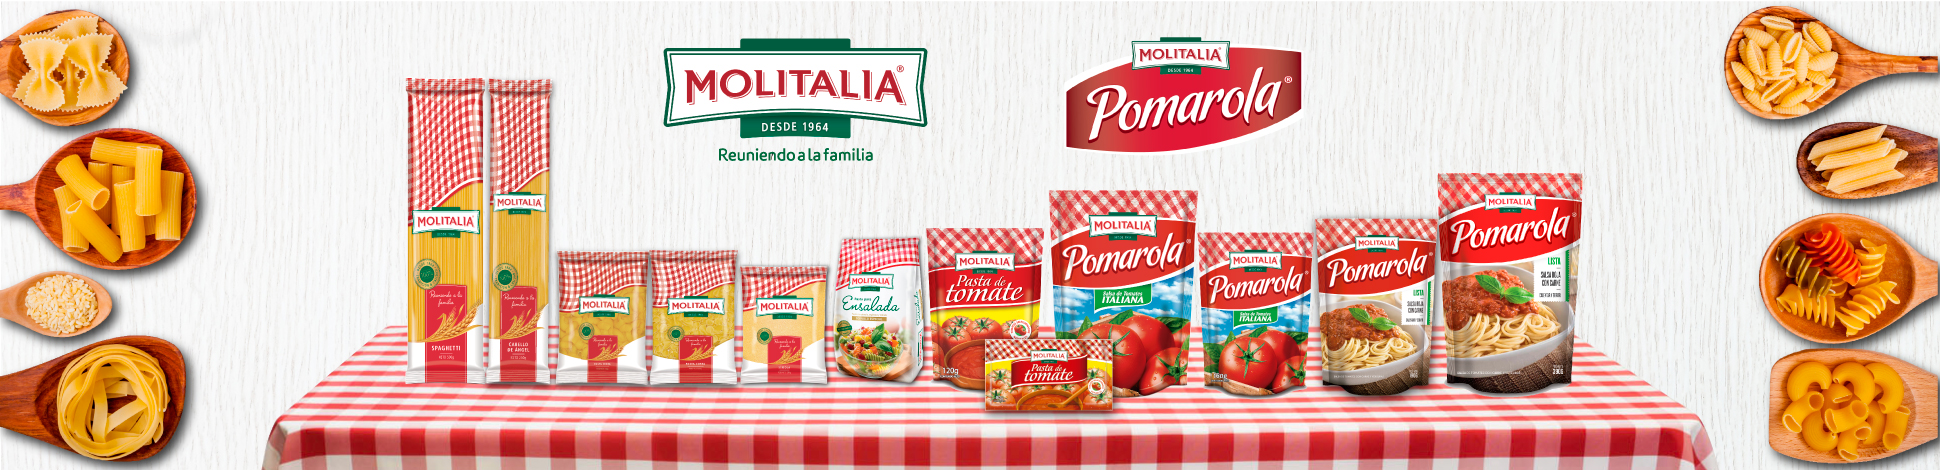 BANNER---MOLITALIA.jpg | Juntoz.com